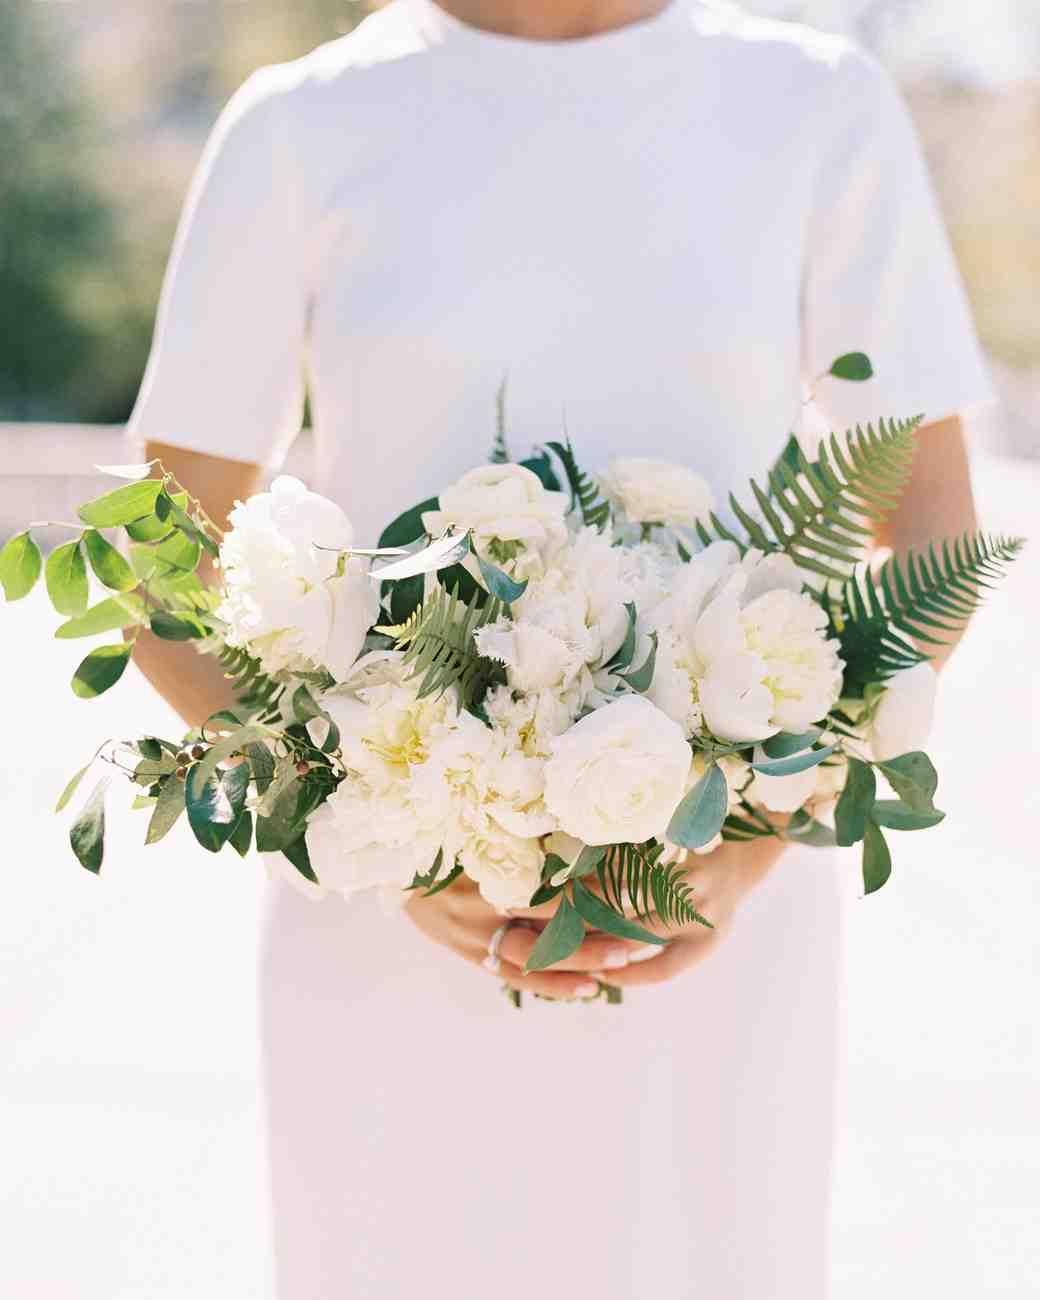 arielle-matt-wedding-bouquet-96-6134241-0716.jpg